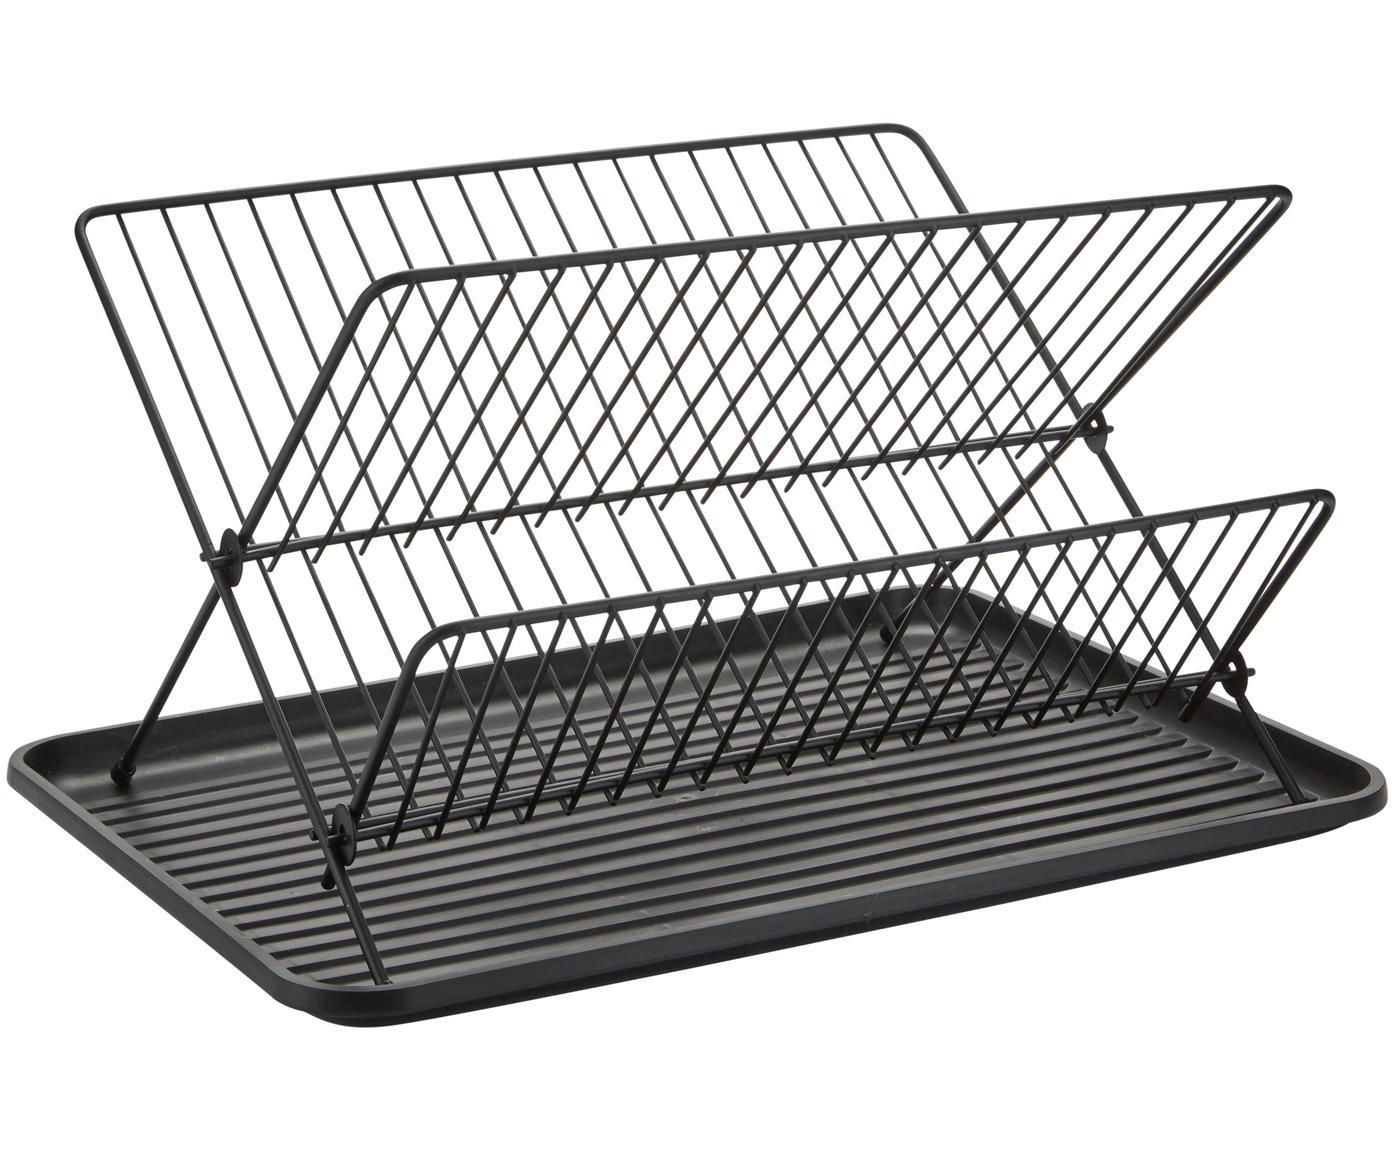 Escurreplatos Amo, Estructura: hierro recubierto, Negro, An 43 x Al 32 cm